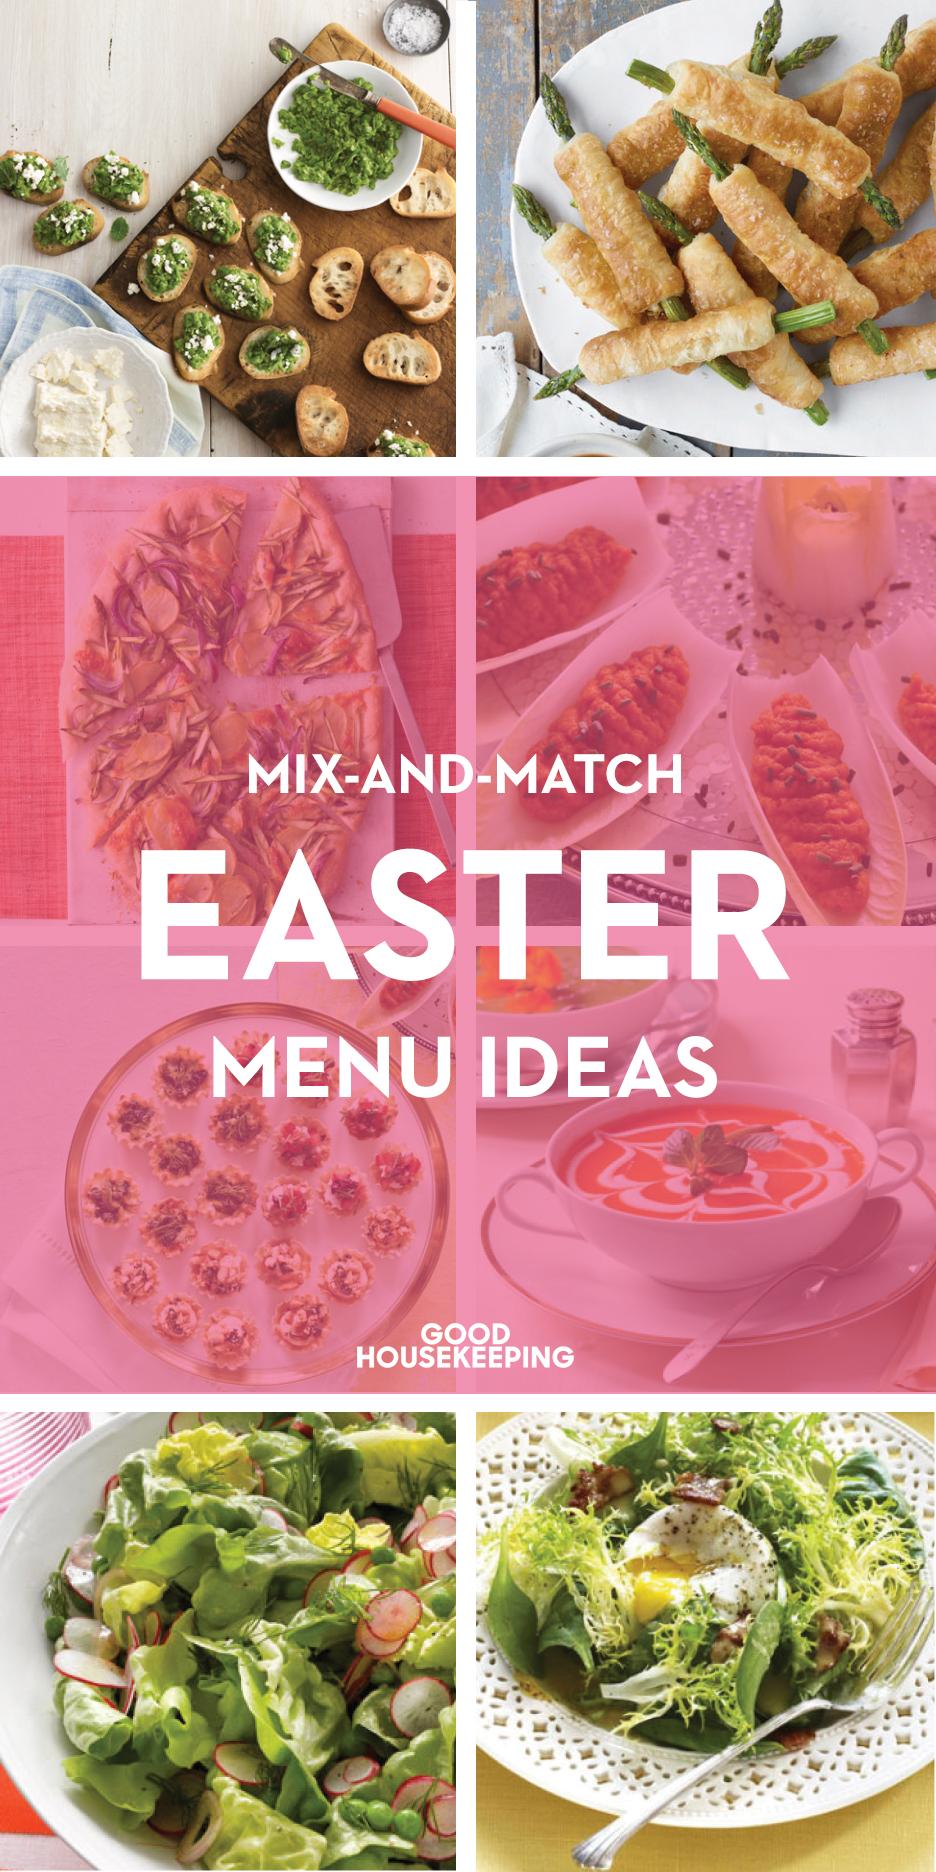 65+ Easter Dinner Menu Ideas - Easy Recipes for Easter Dinner